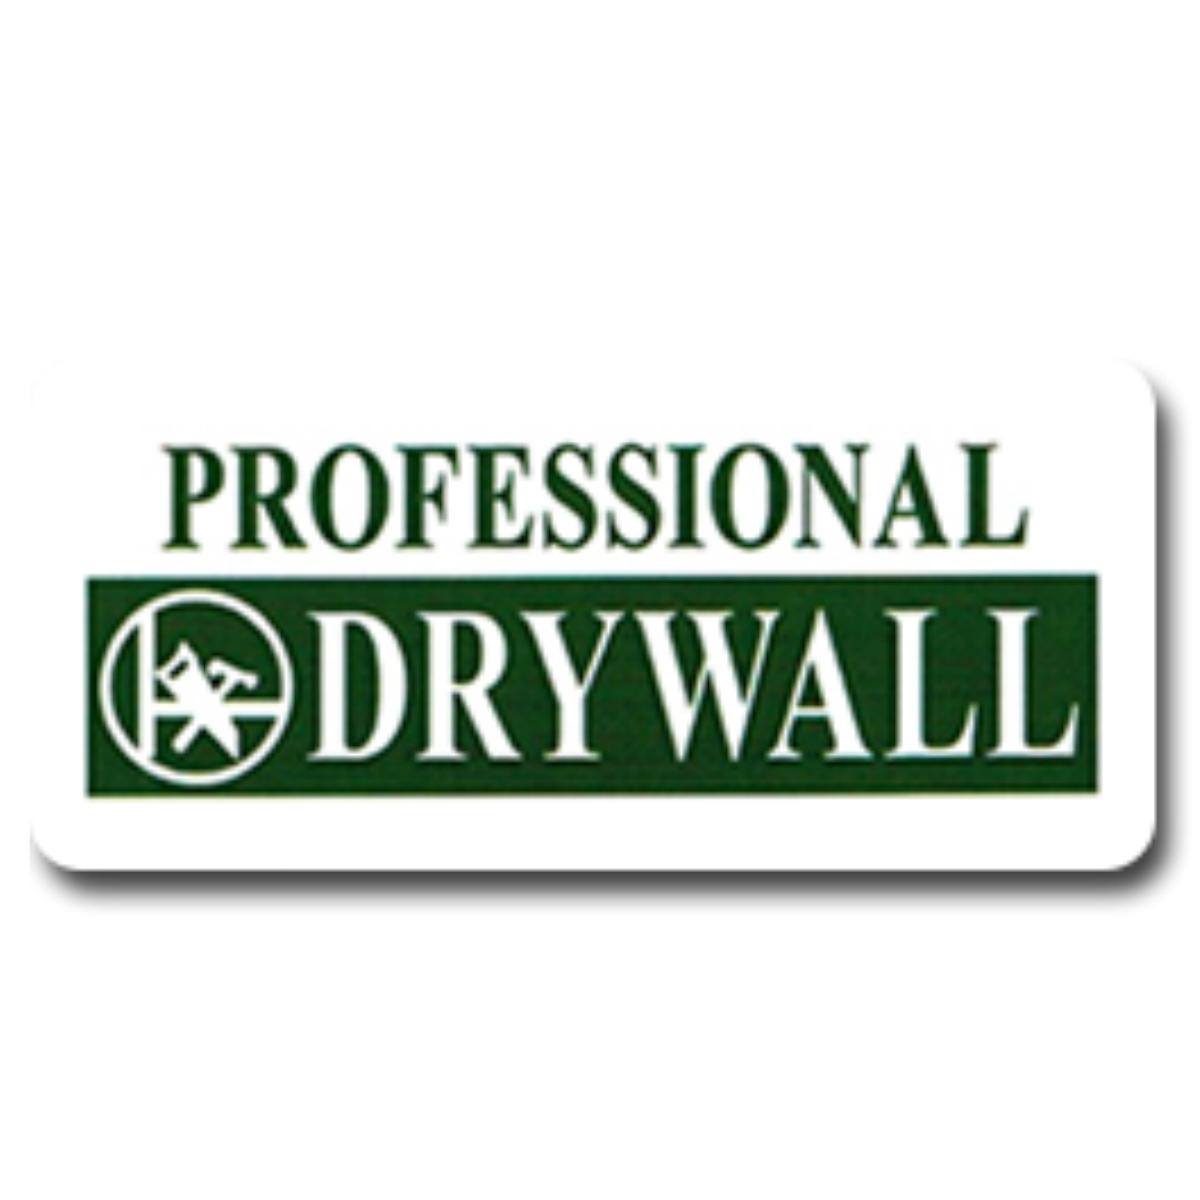 Professional Drywall Company, Llc.